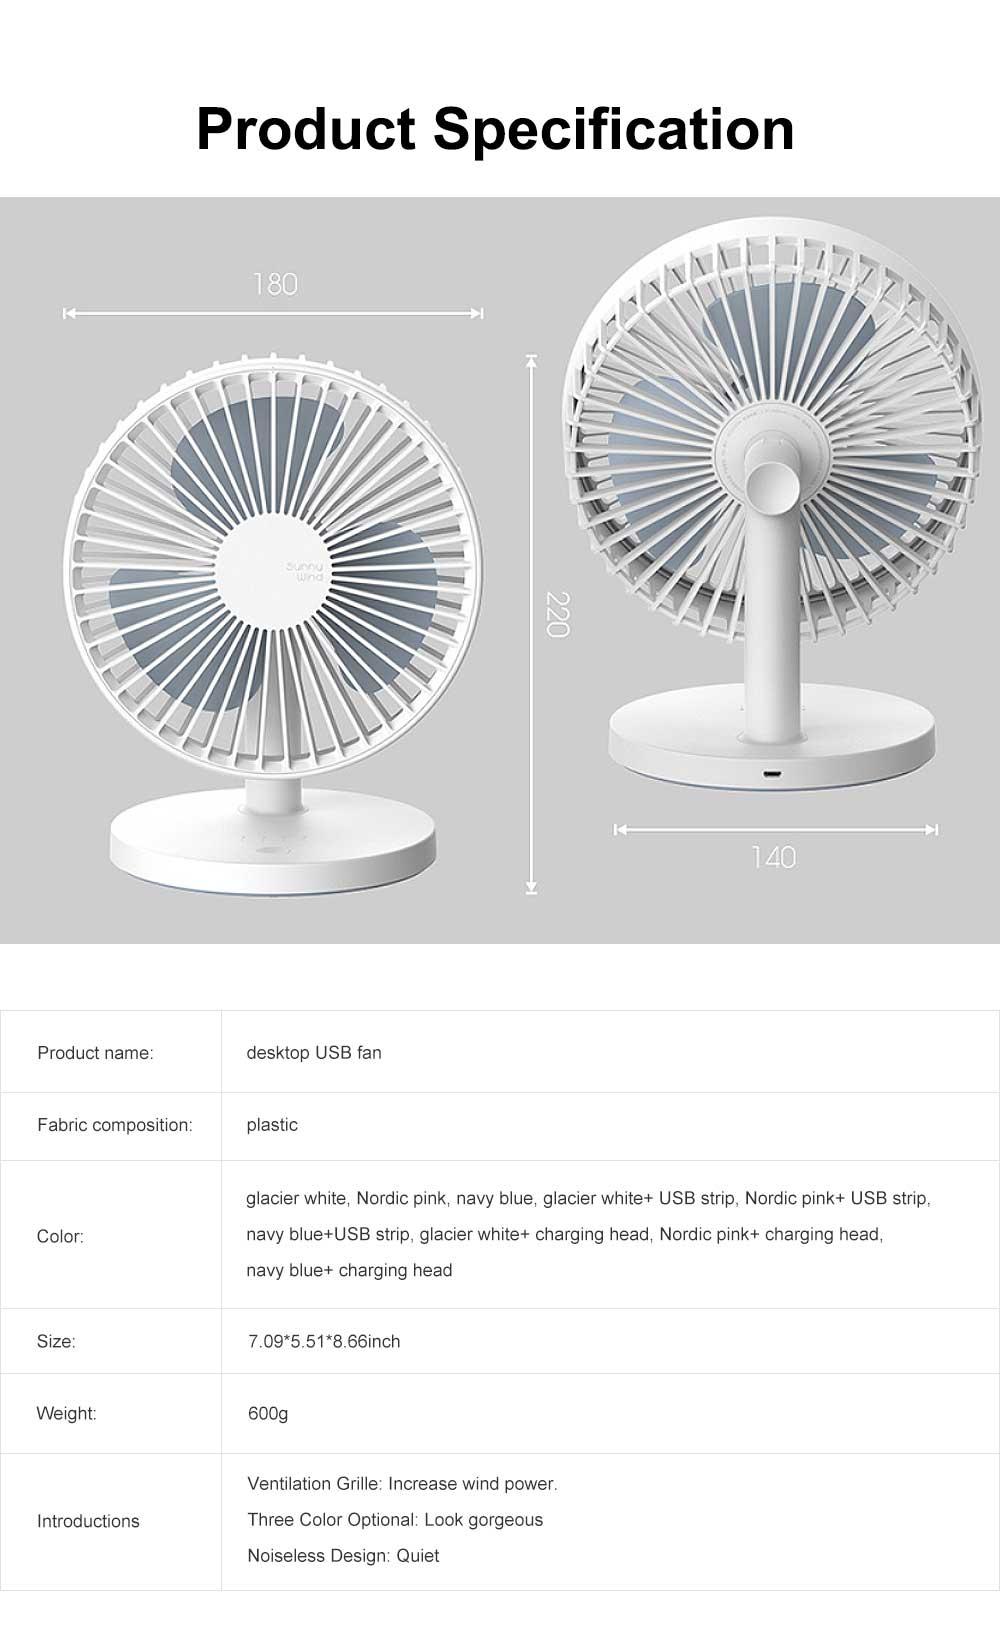 Mini Plastic USB Fan 3 Blades, Portable Desktop Cooling Silent Fan 6